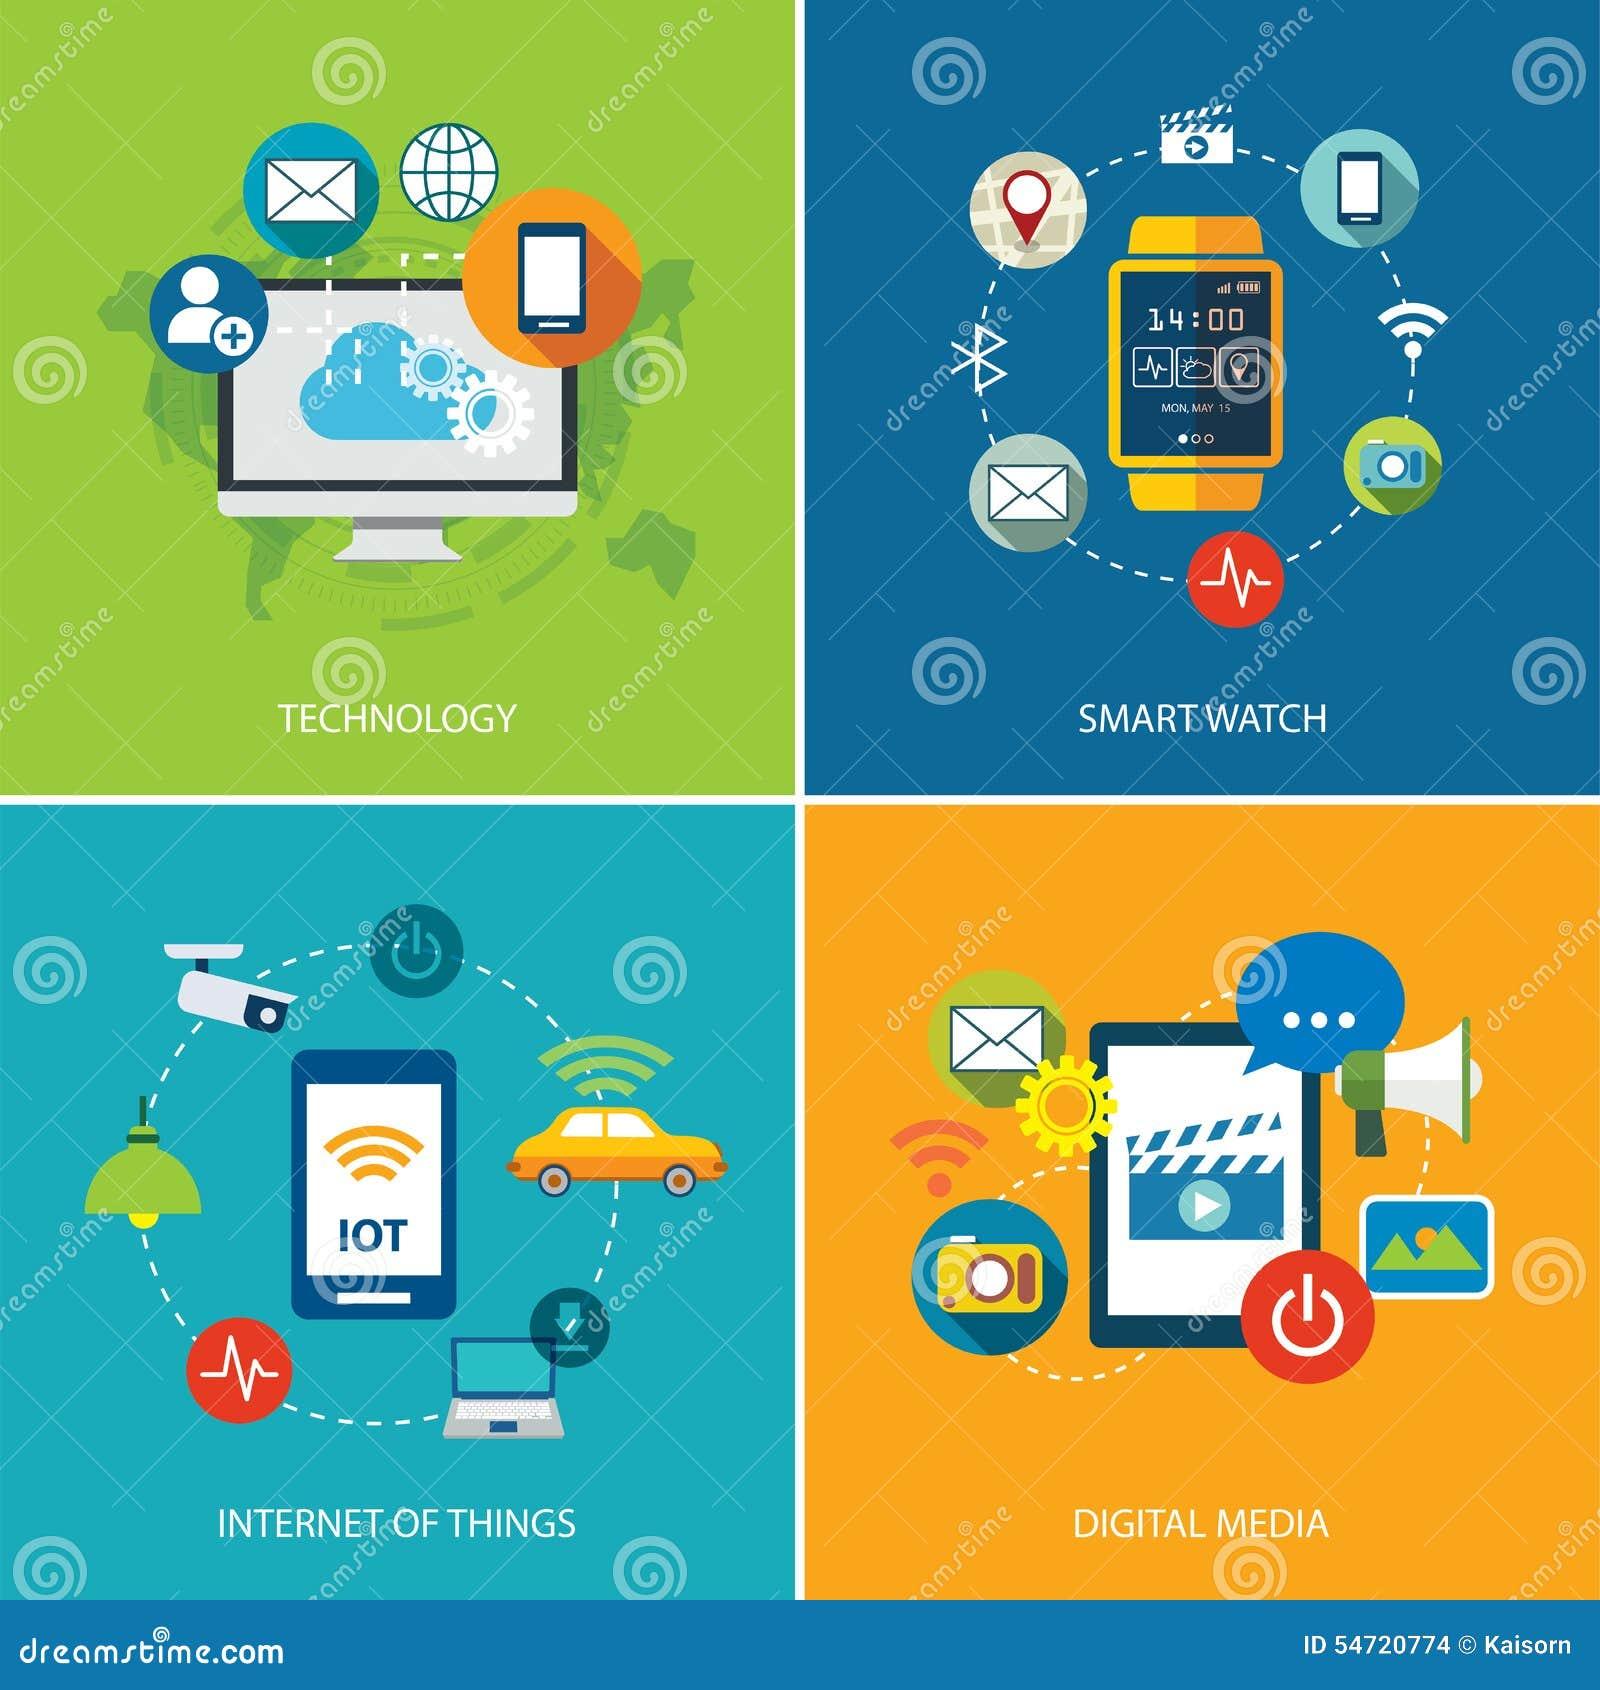 Комплект технологии, интернет вещей, и цифровые средства массовой информации